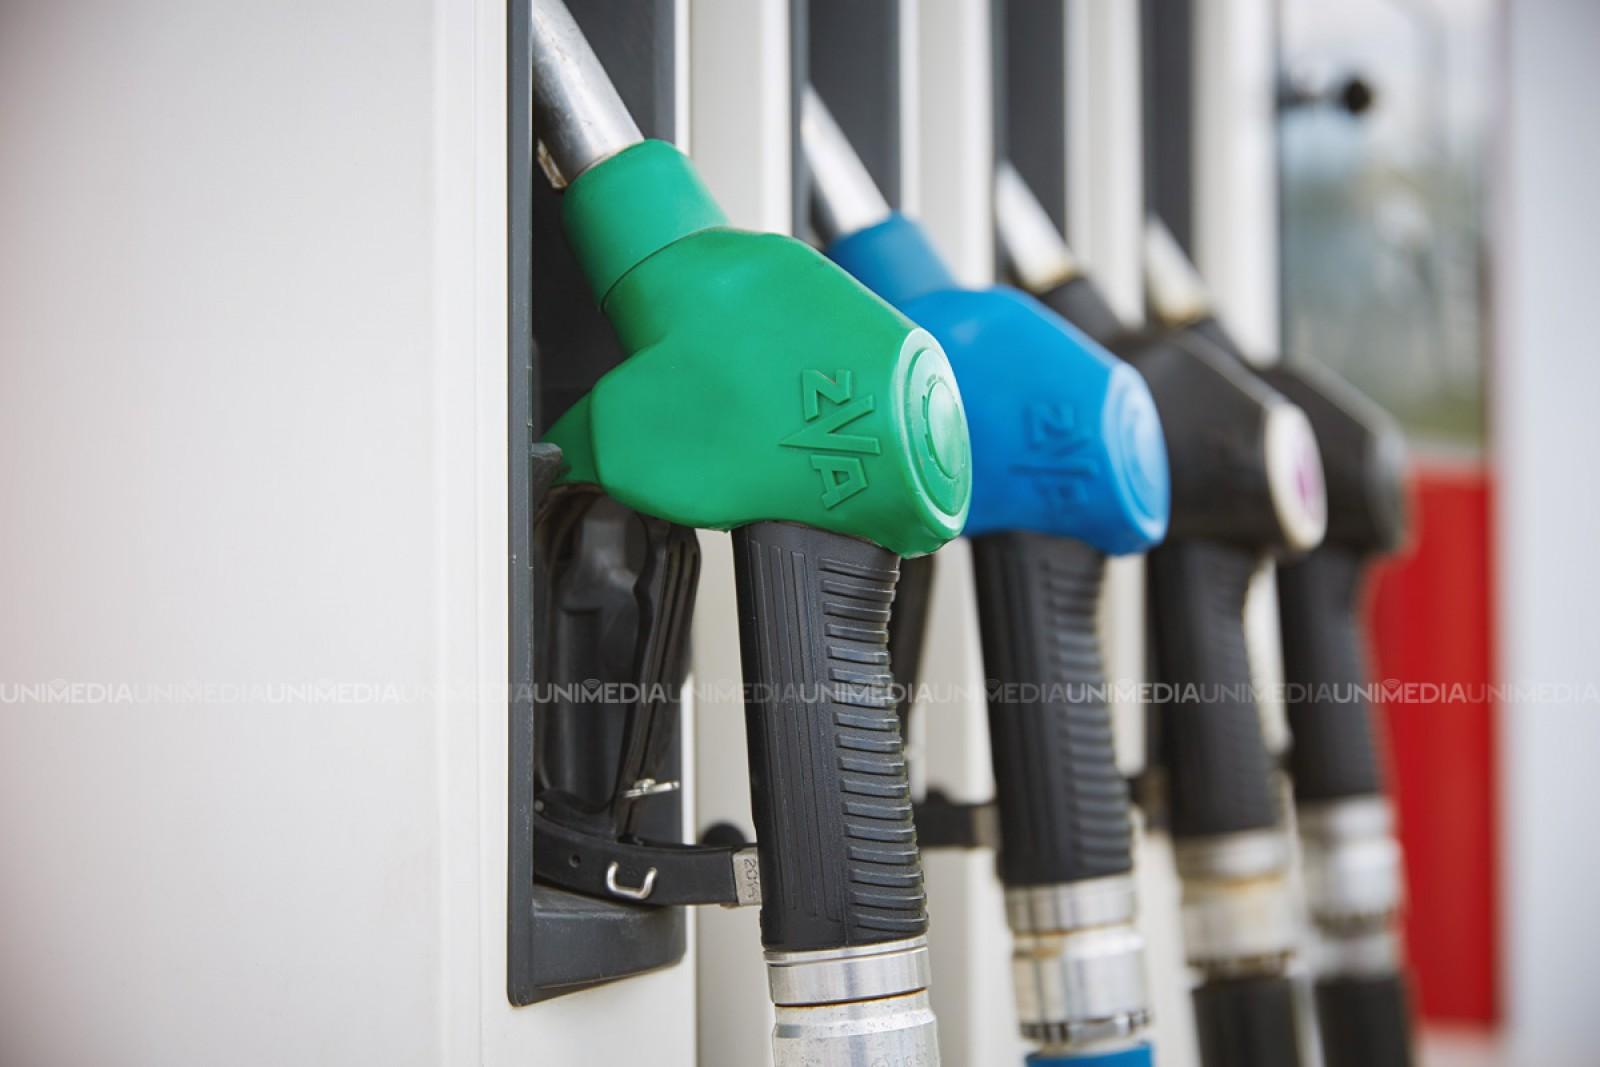 Benzina se scumpește iar motorina se ieftinește: ANRE a anunțat noile prețuri